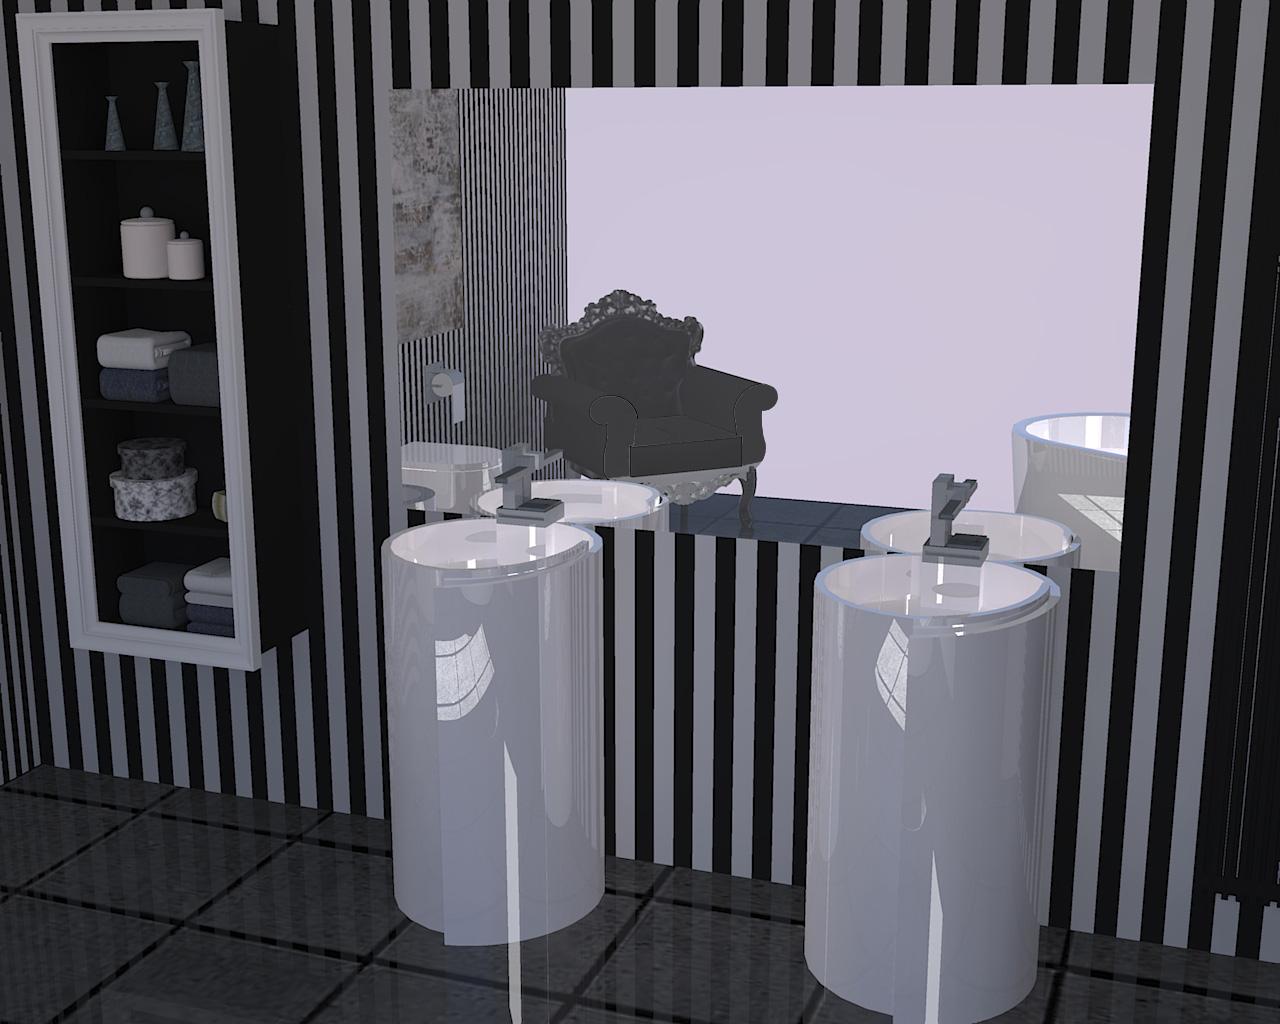 bagno moderno - Bagni Moderni Particolari